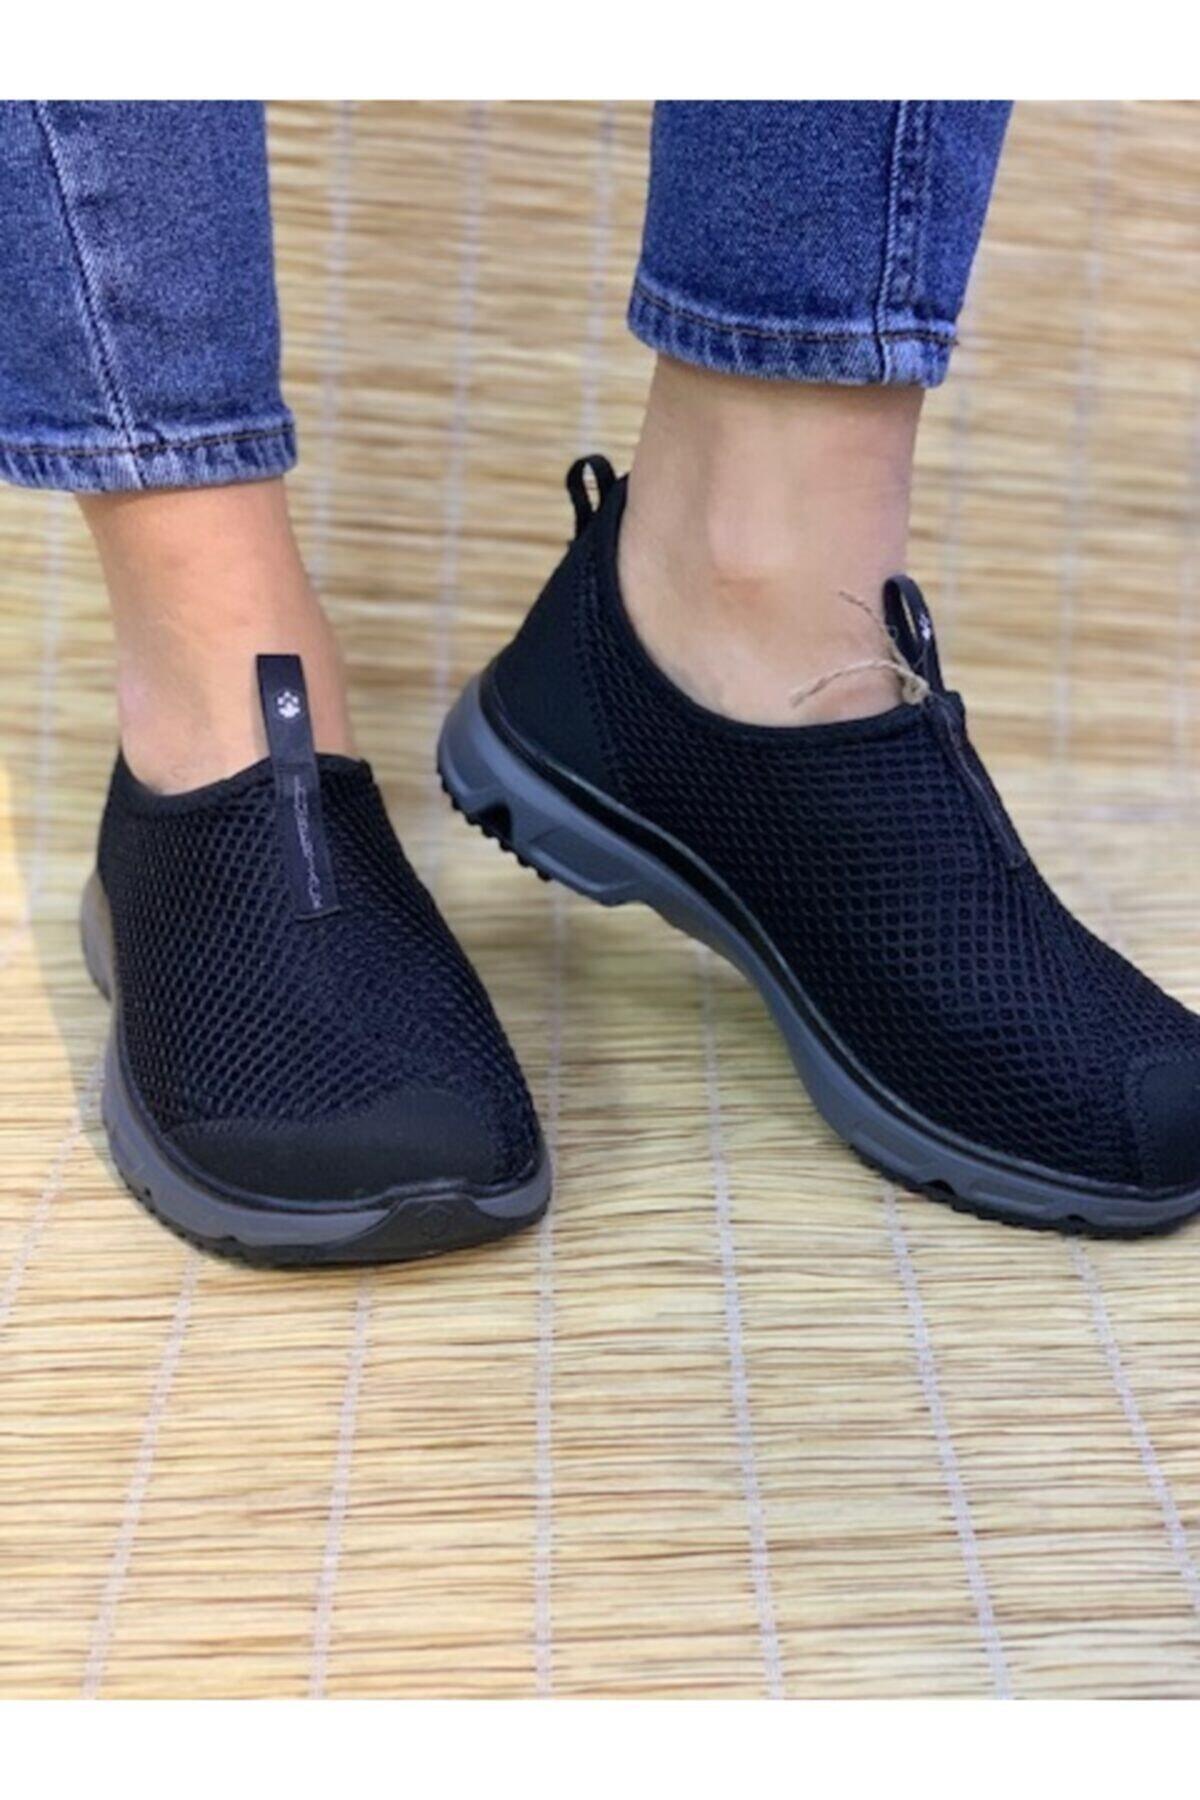 Kadın Siyah-gri Renk Hafif Rahat Kemik Çıkıntısı Için Harika Patik Sneaker Ayakkabı Panto